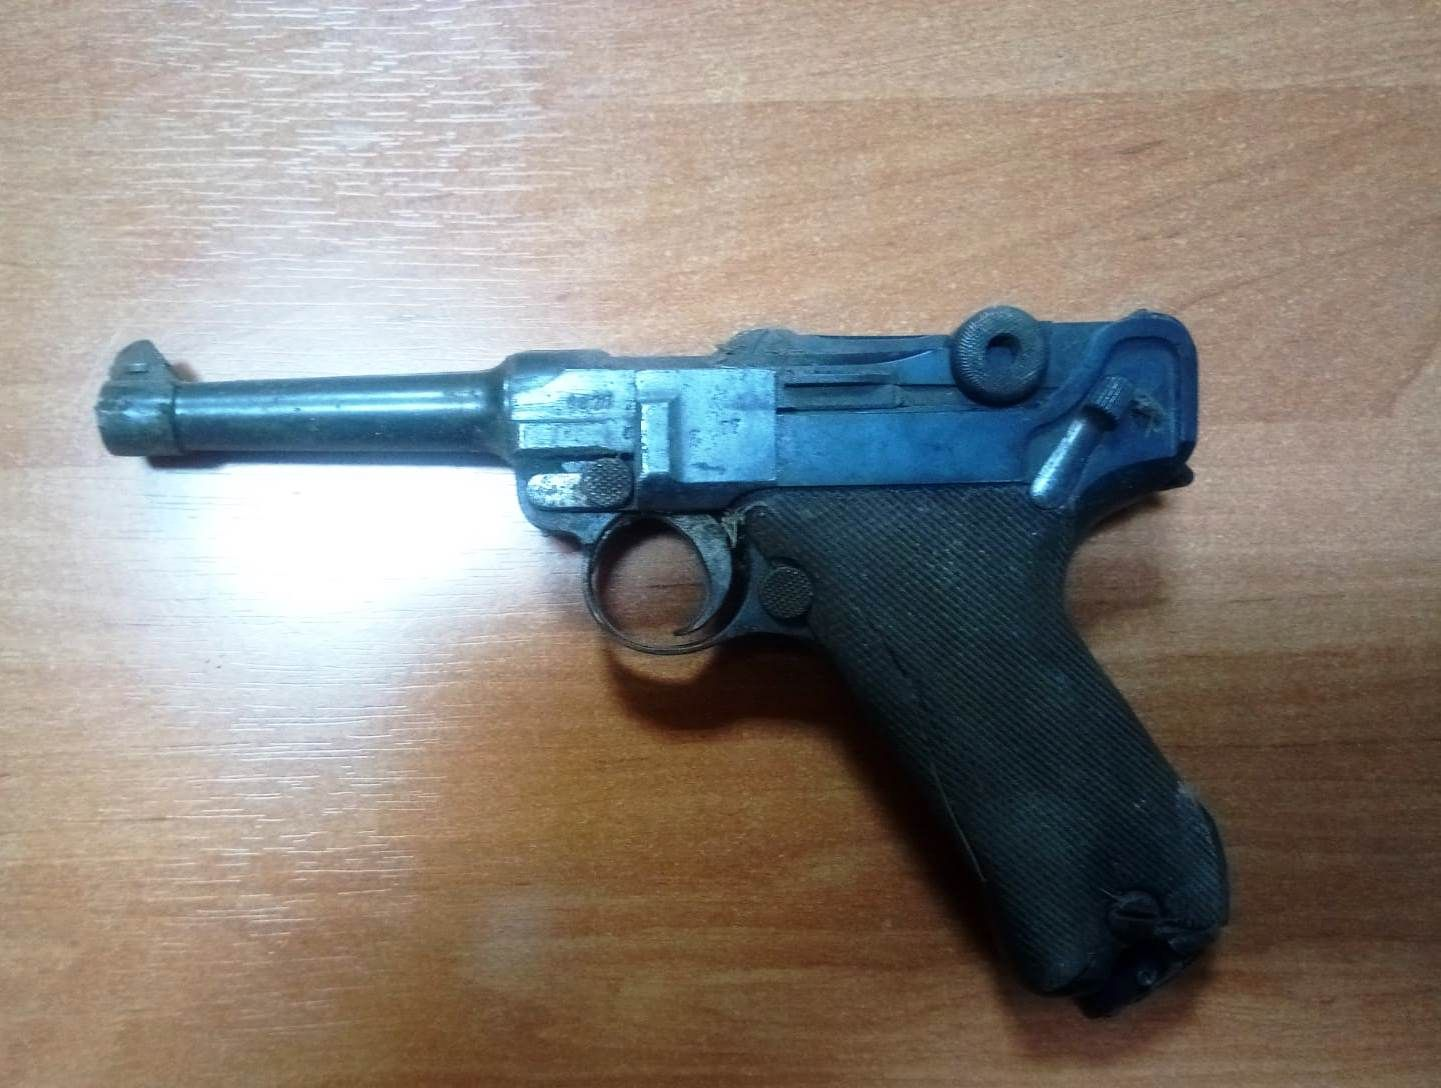 Pistolet z 1918 roku ukryty w ścianie